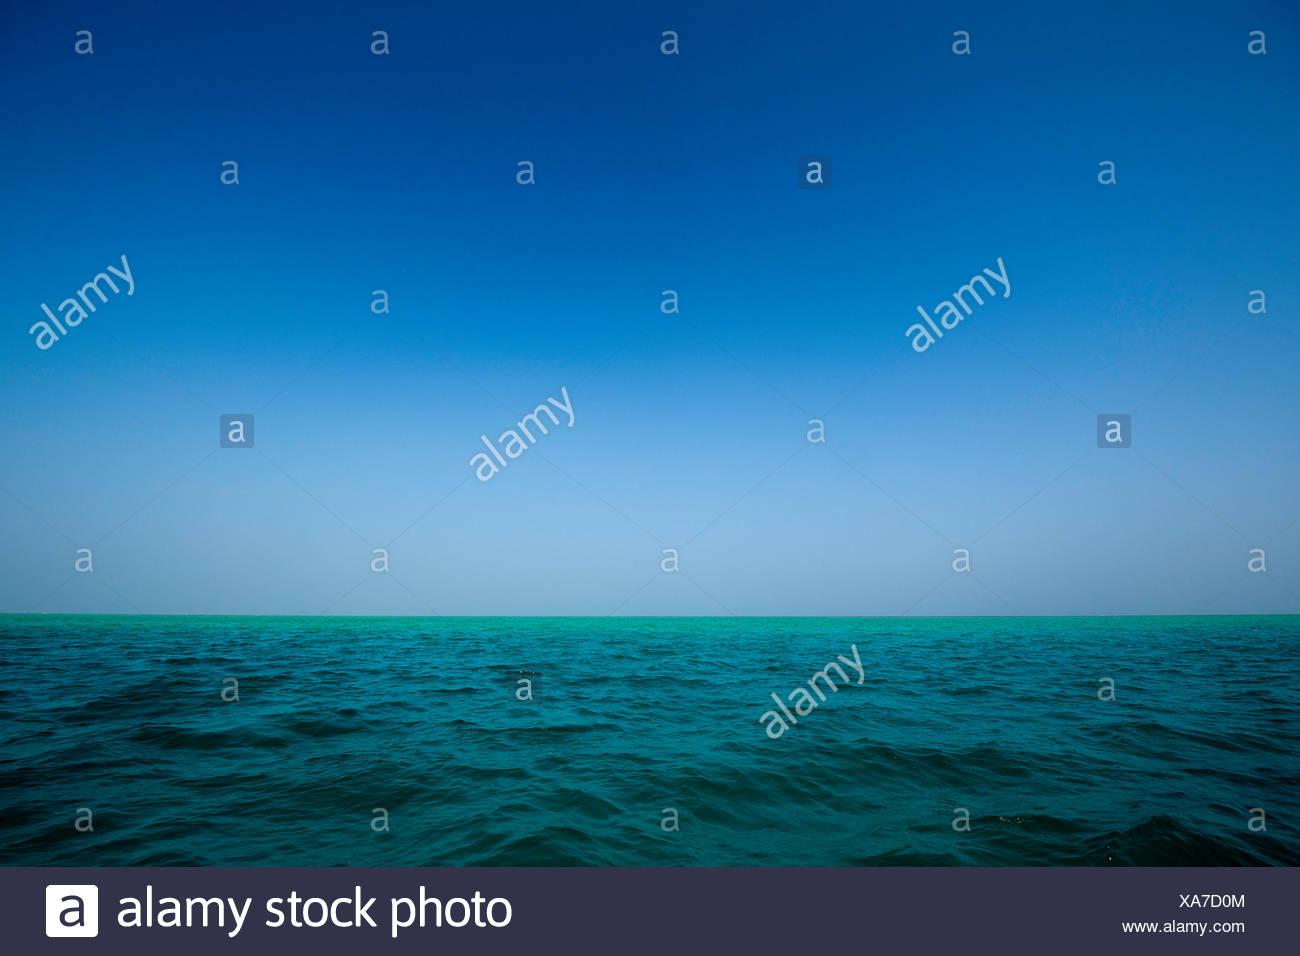 L'horizon au-dessus de l'eau au large de l'île de Mabualau. Photo Stock